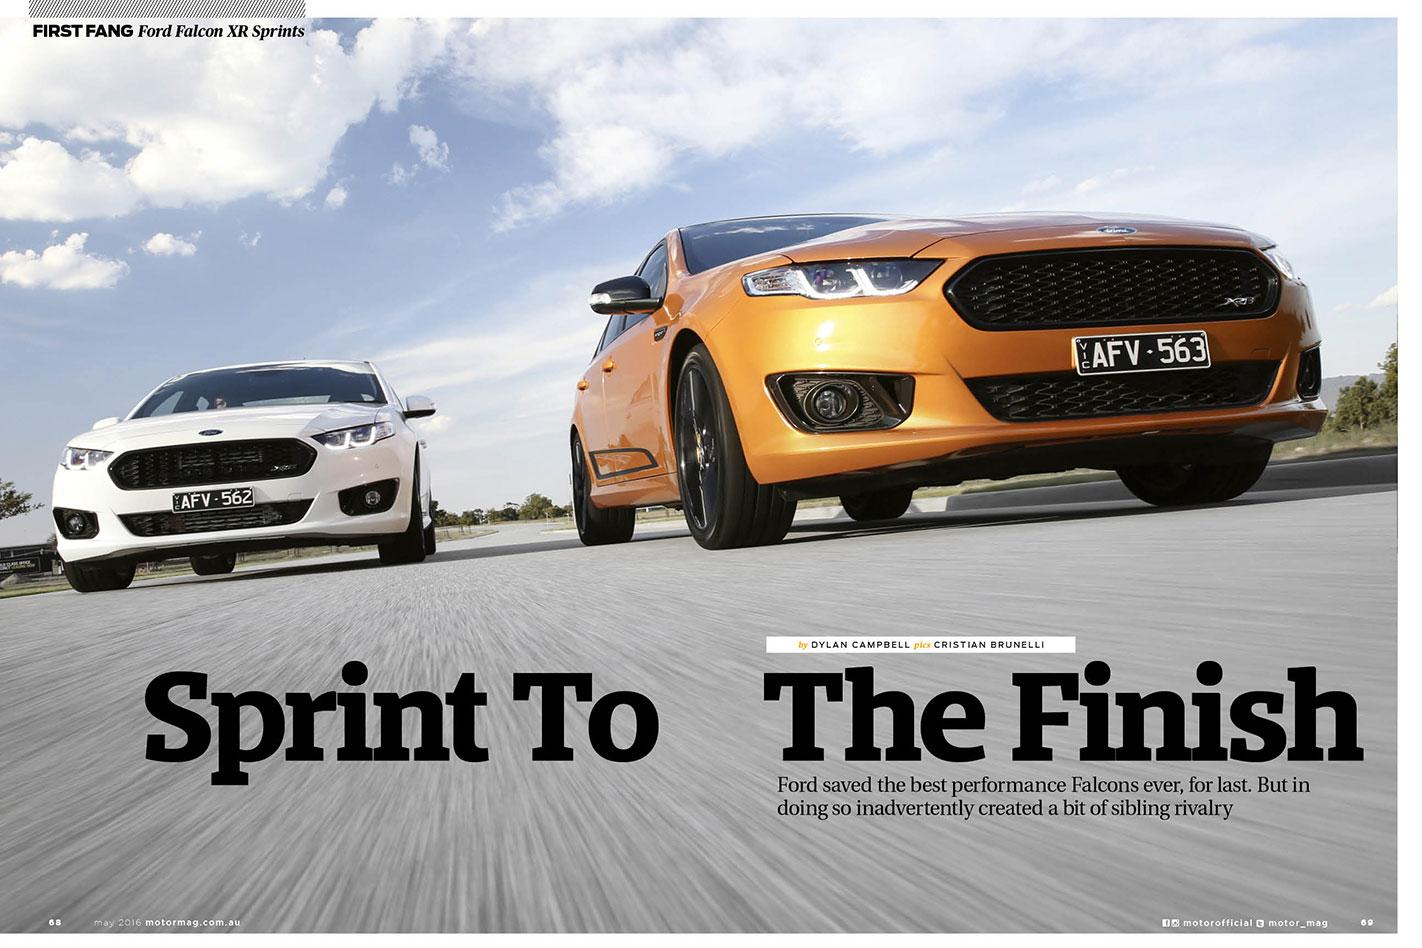 Ford -Falcon -Sprints -driven